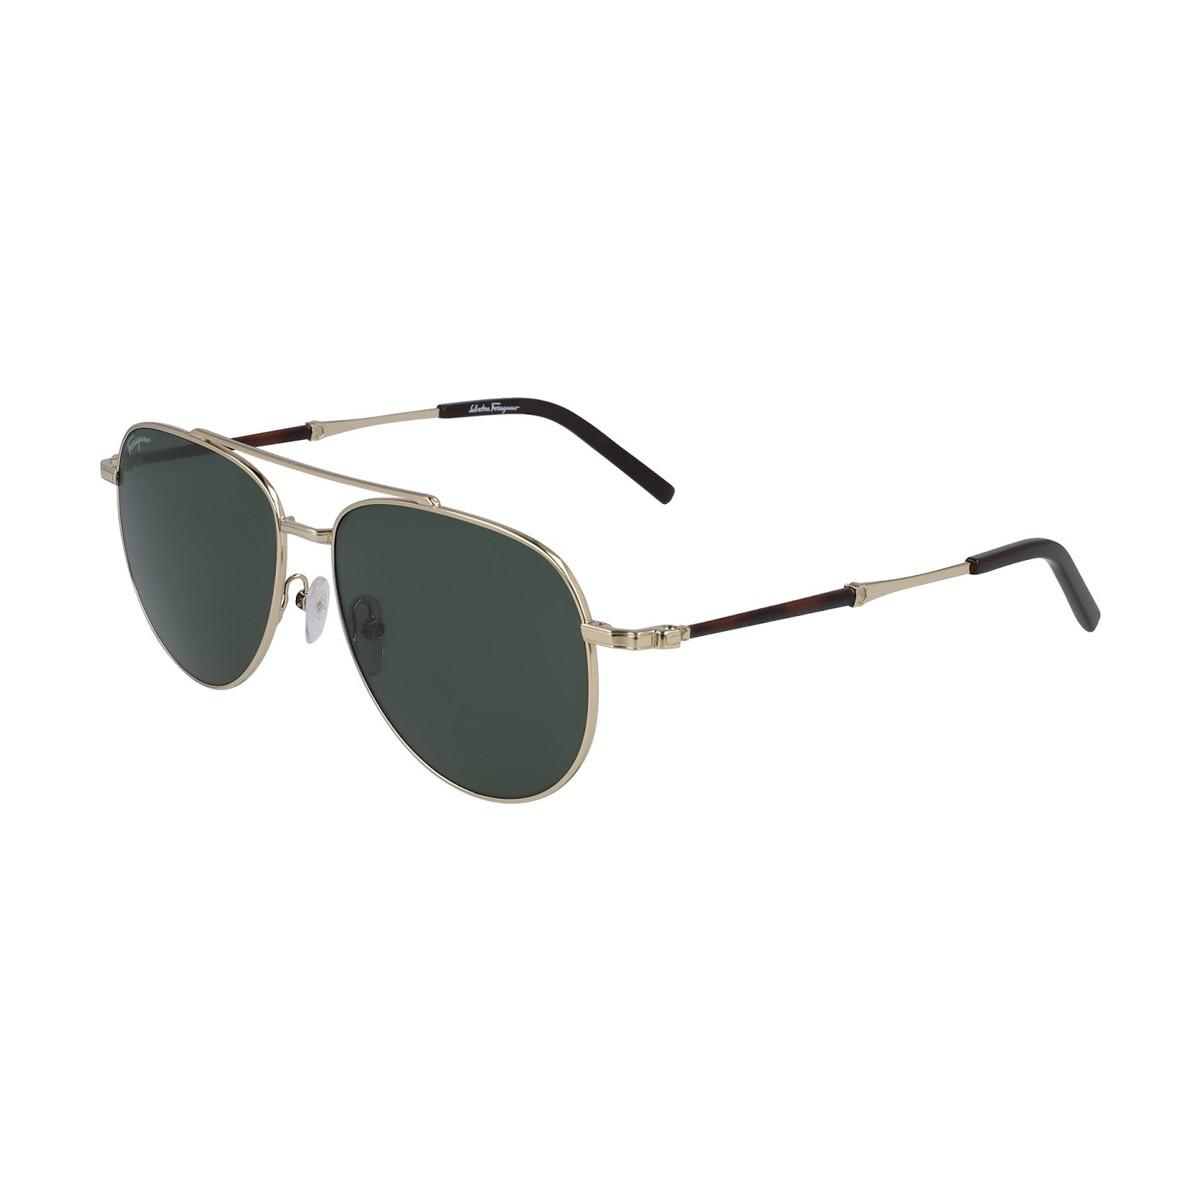 Salvatore Ferragamo SF226SG | Men's sunglasses